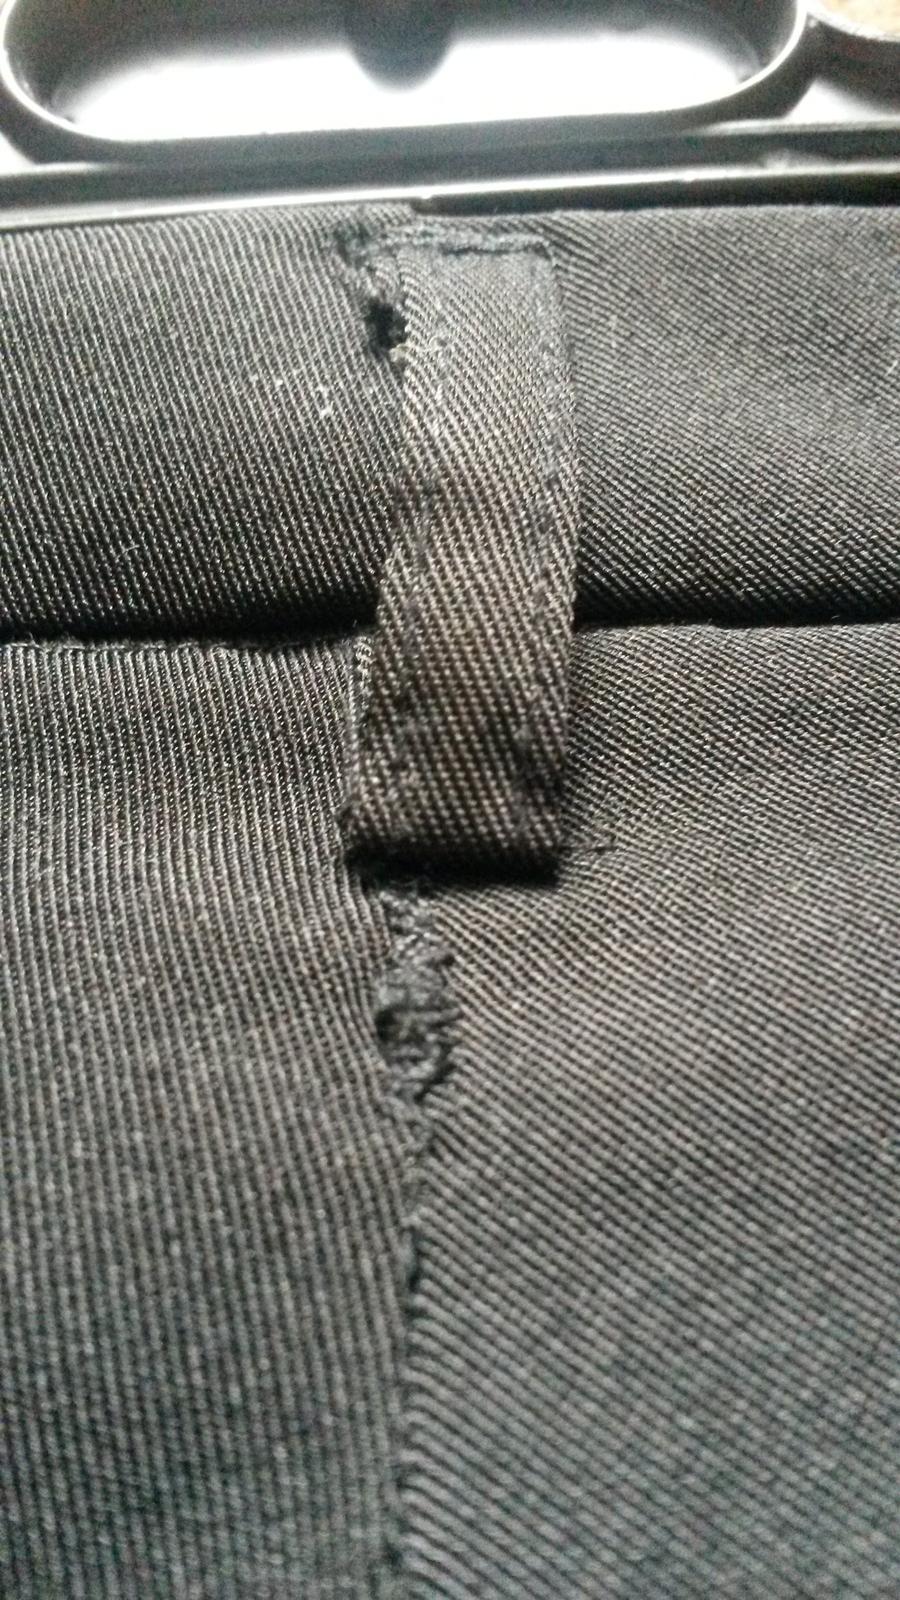 Čierne tenšie nohavice - Obrázok č. 2